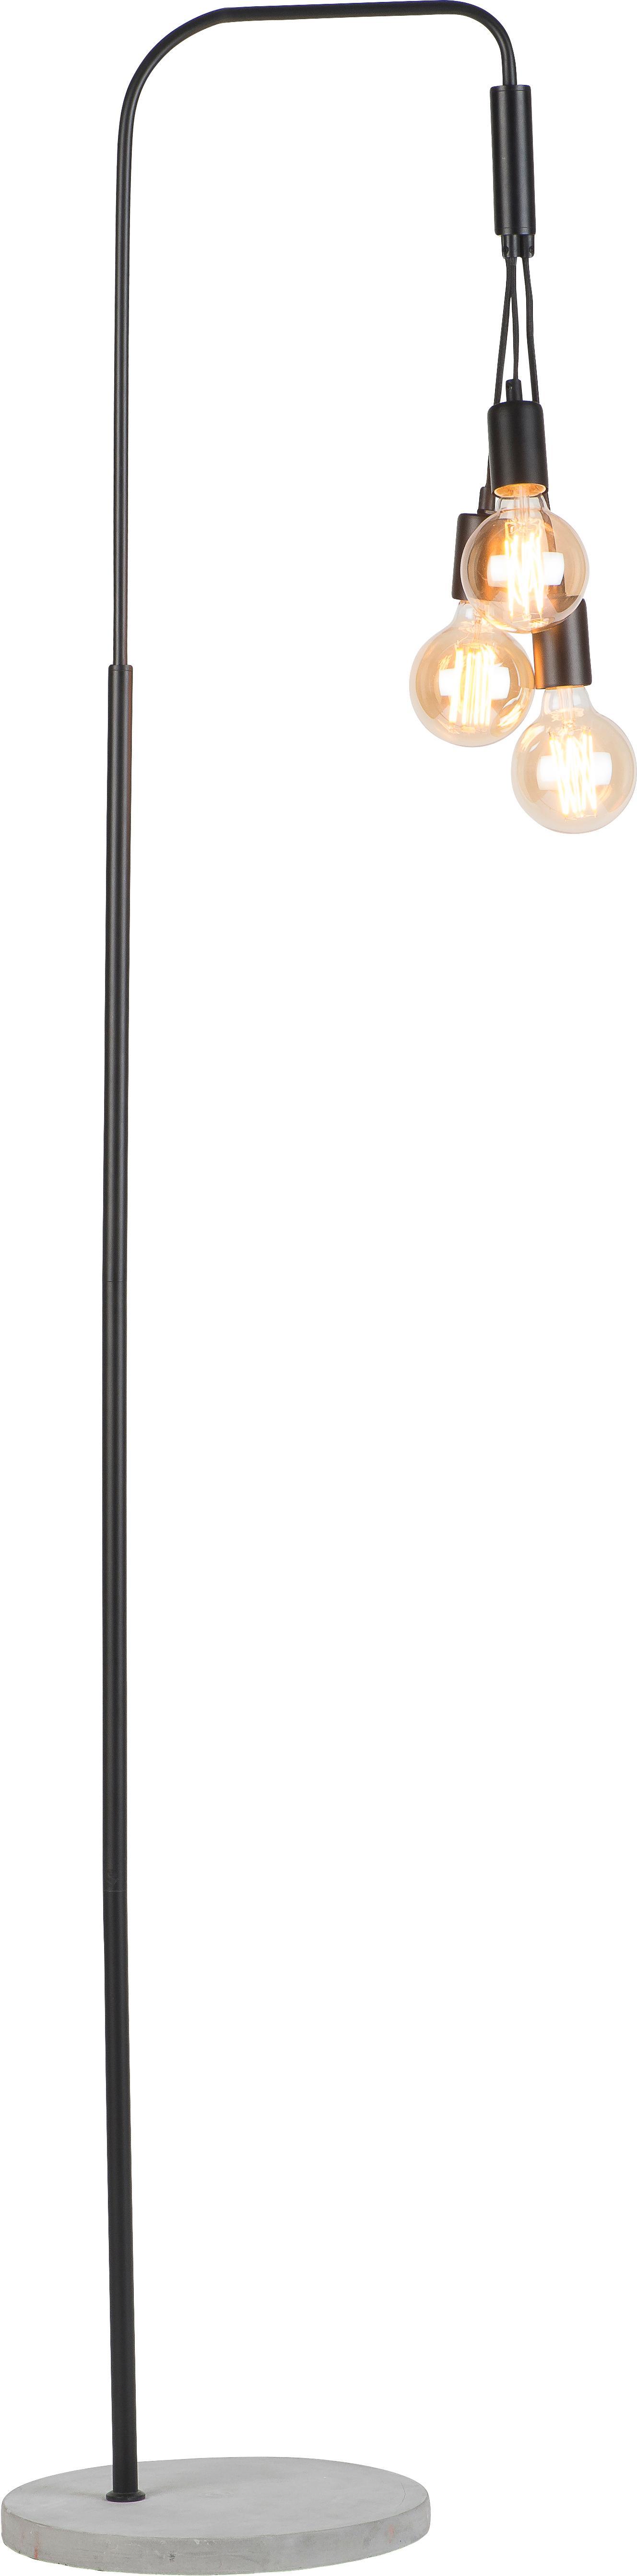 Design-Stehlampe Oslo, Lampenfuß: Zement, Schwarz, 48 x 190 cm